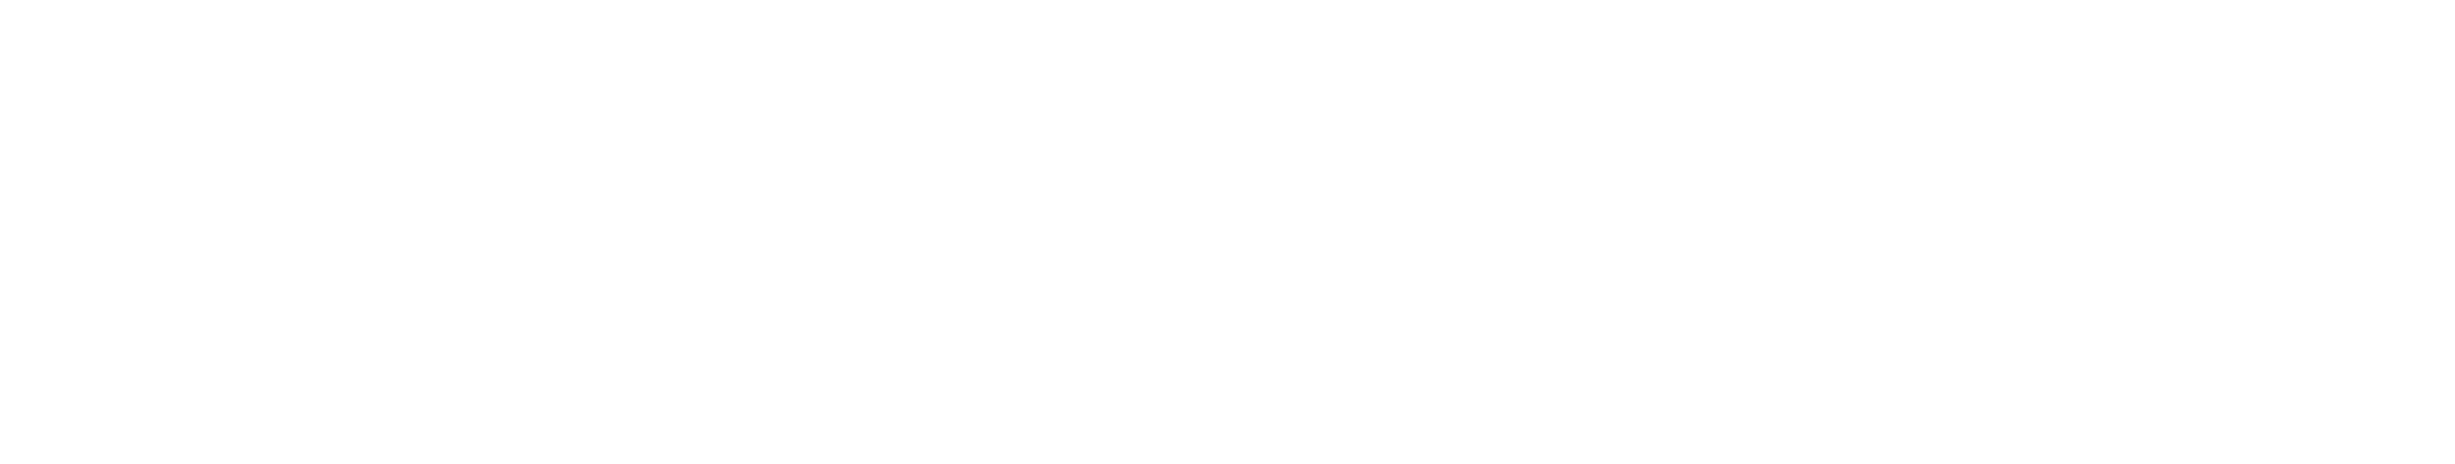 Boiyelove International